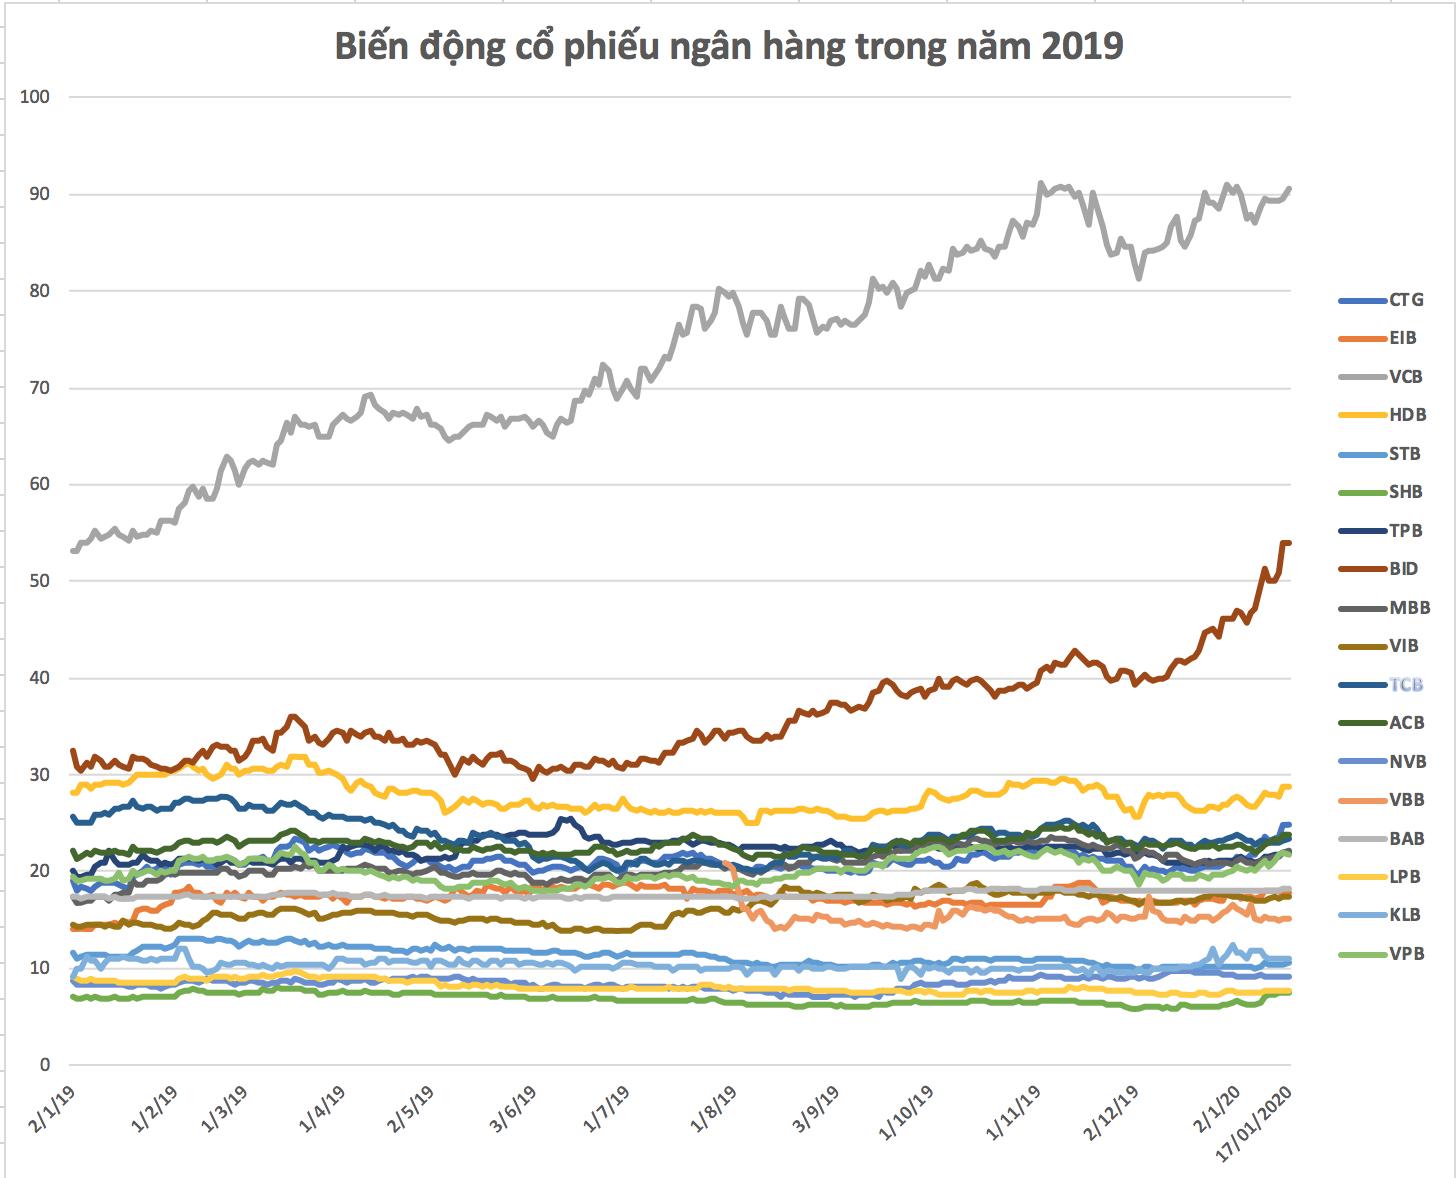 Cổ phiếu ngân hàng đã biến động ra sao trong năm Kỷ Hợi - Ảnh 1.